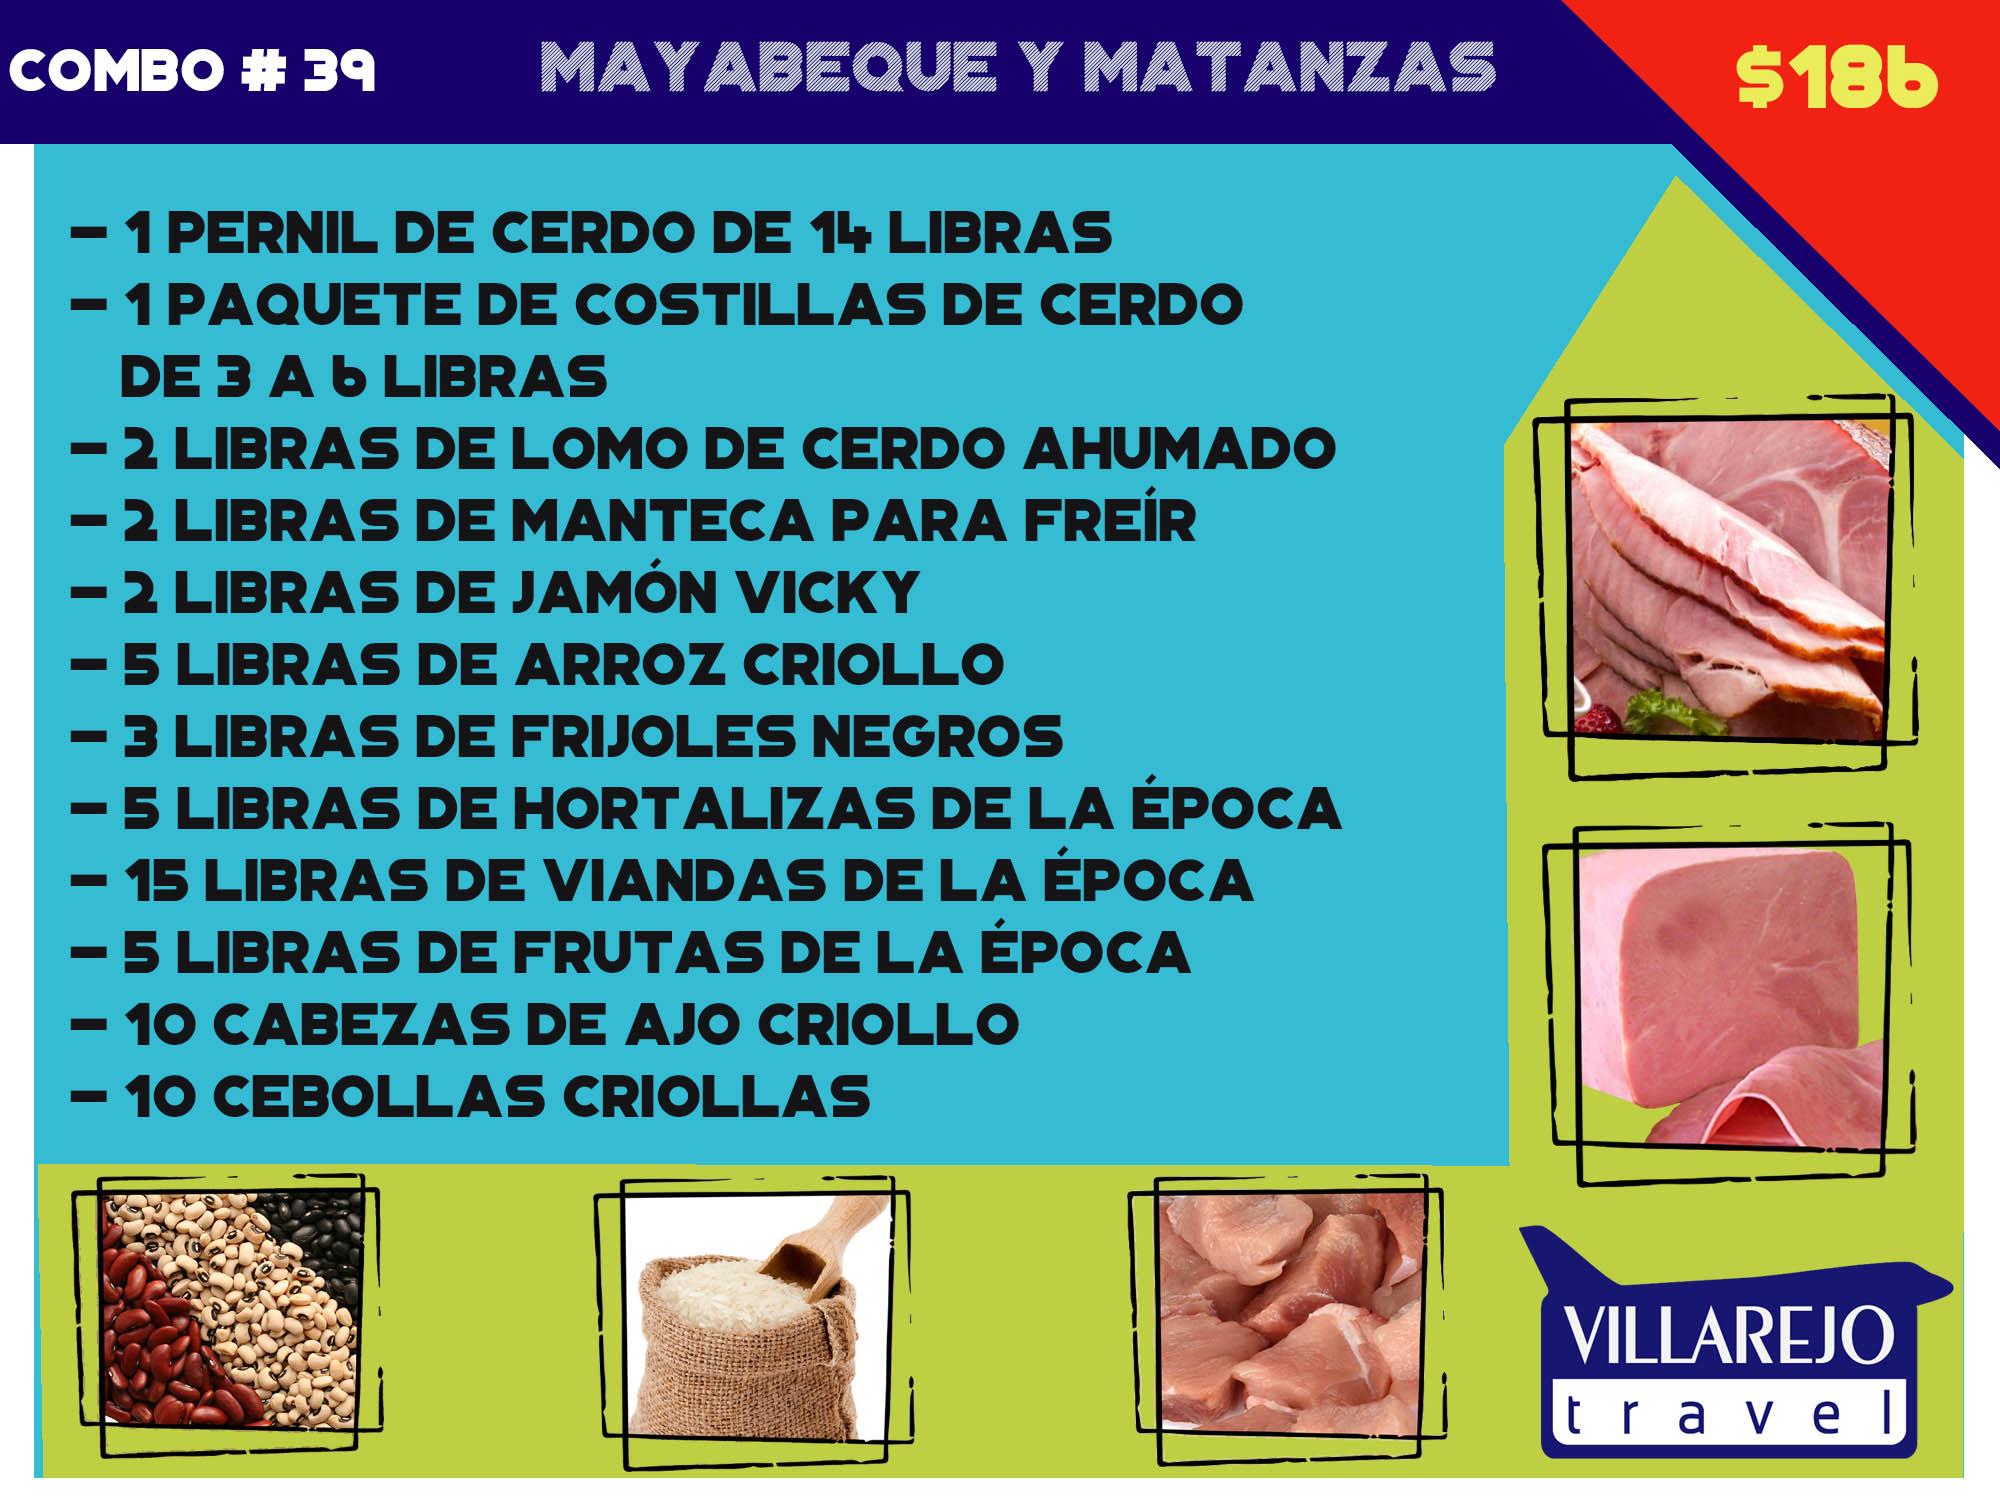 COMBO # 39 MAYABEQUE Y MATANZAS